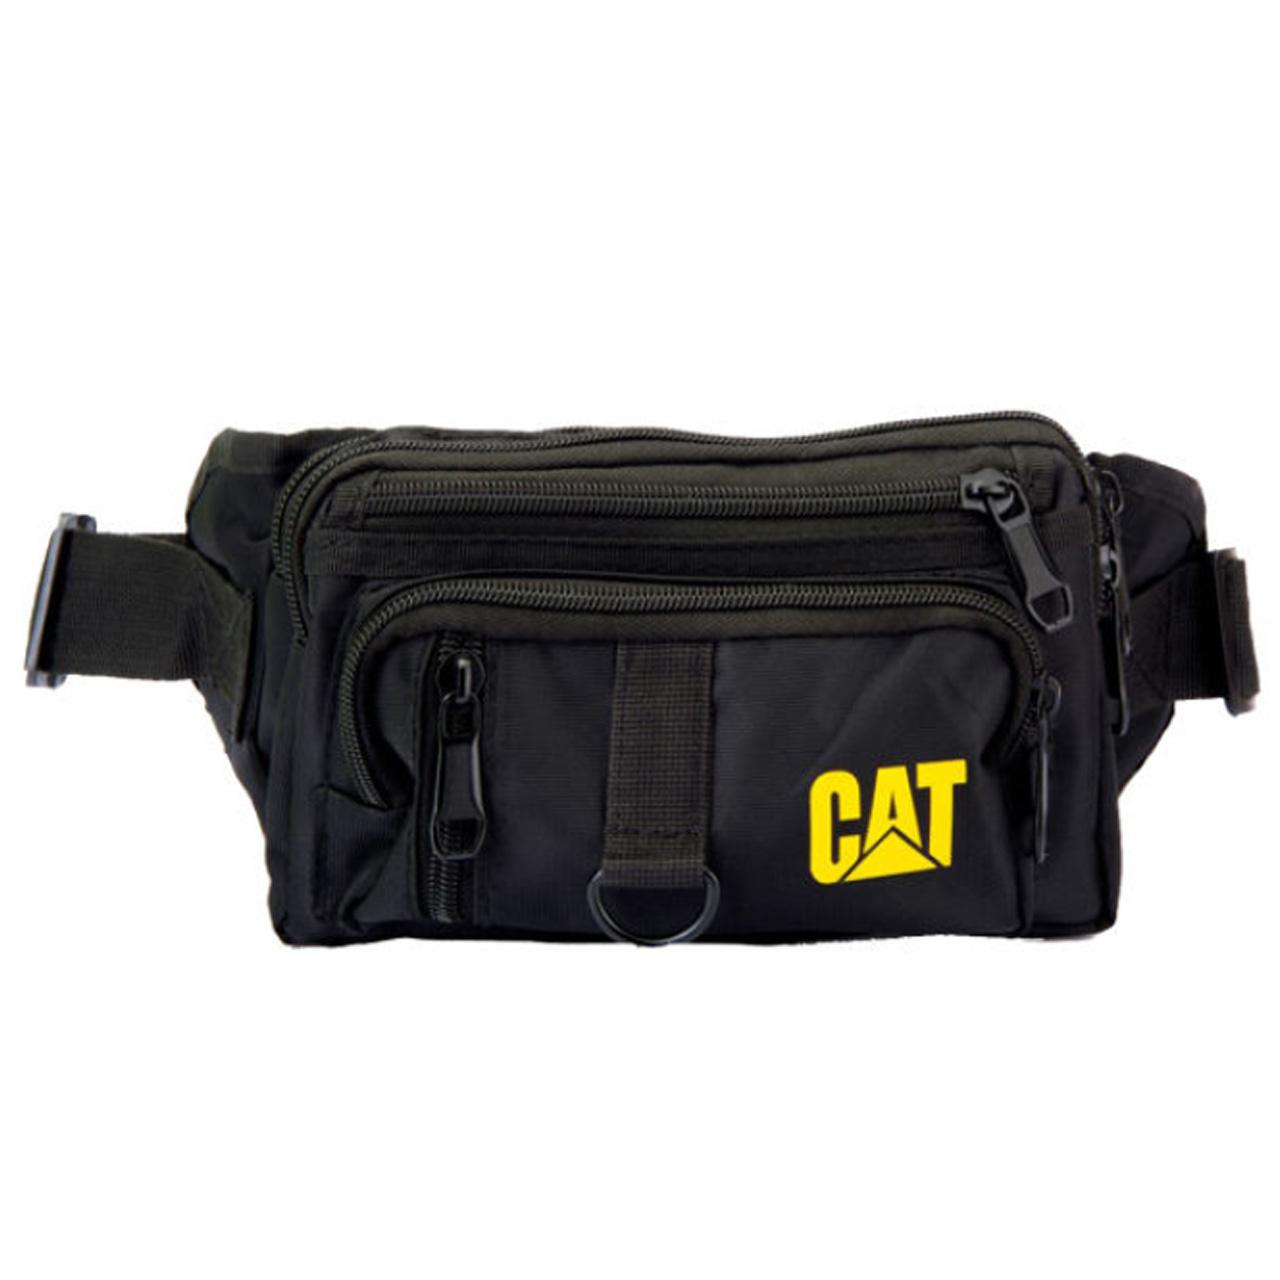 قیمت کیف کمری مردانه کد C-787